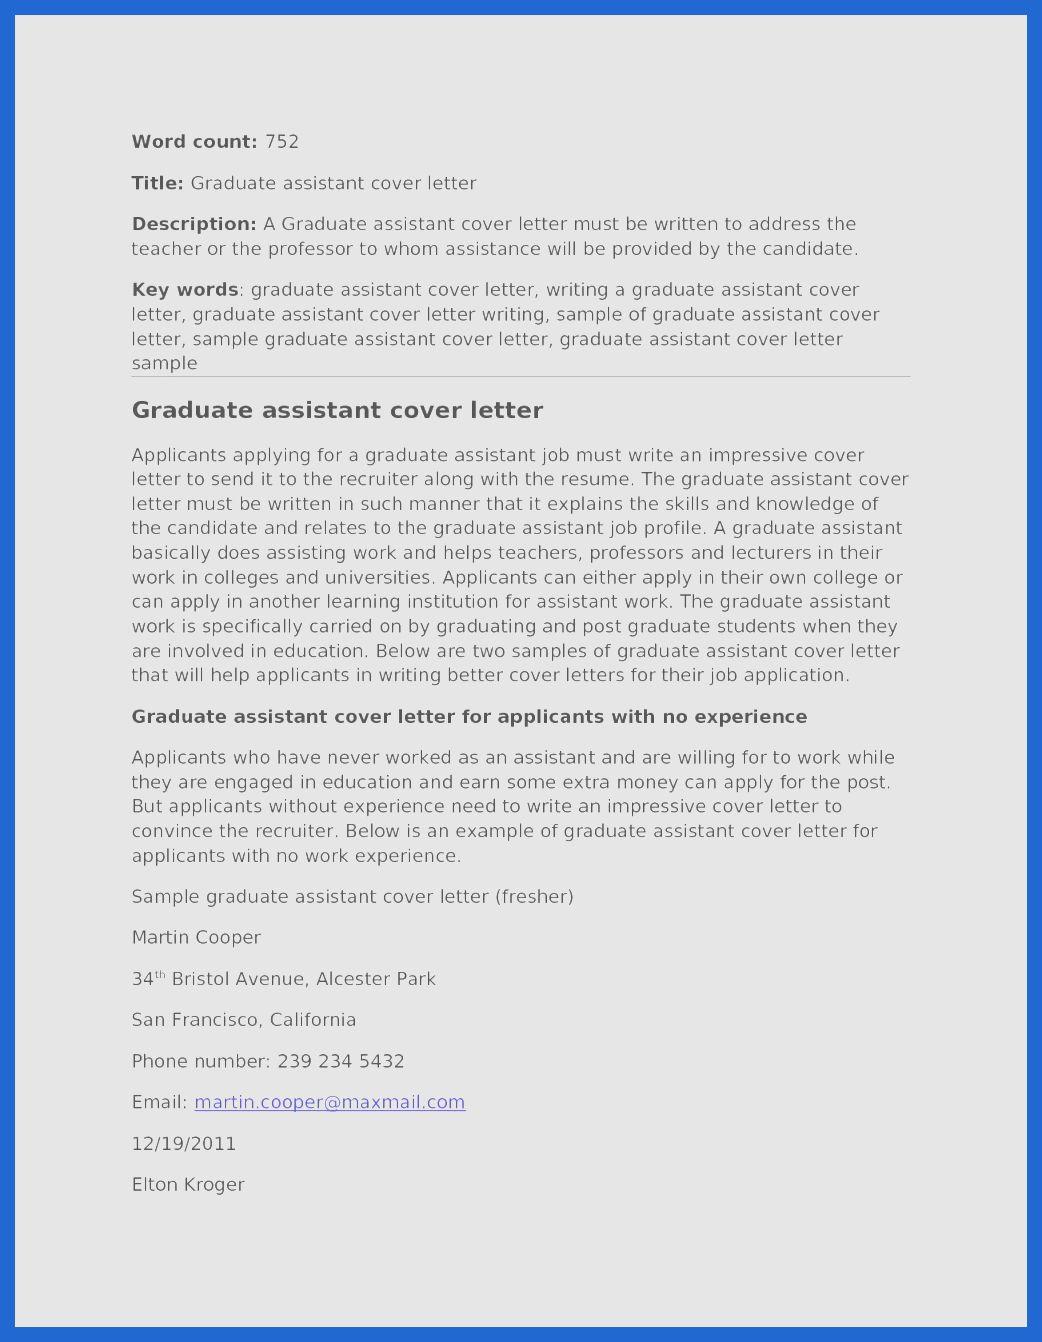 27 Medical Assistant Cover Letter Sample Medical Assistant Cover Letter Resume Cover Letter Examples Cover Letter Sample